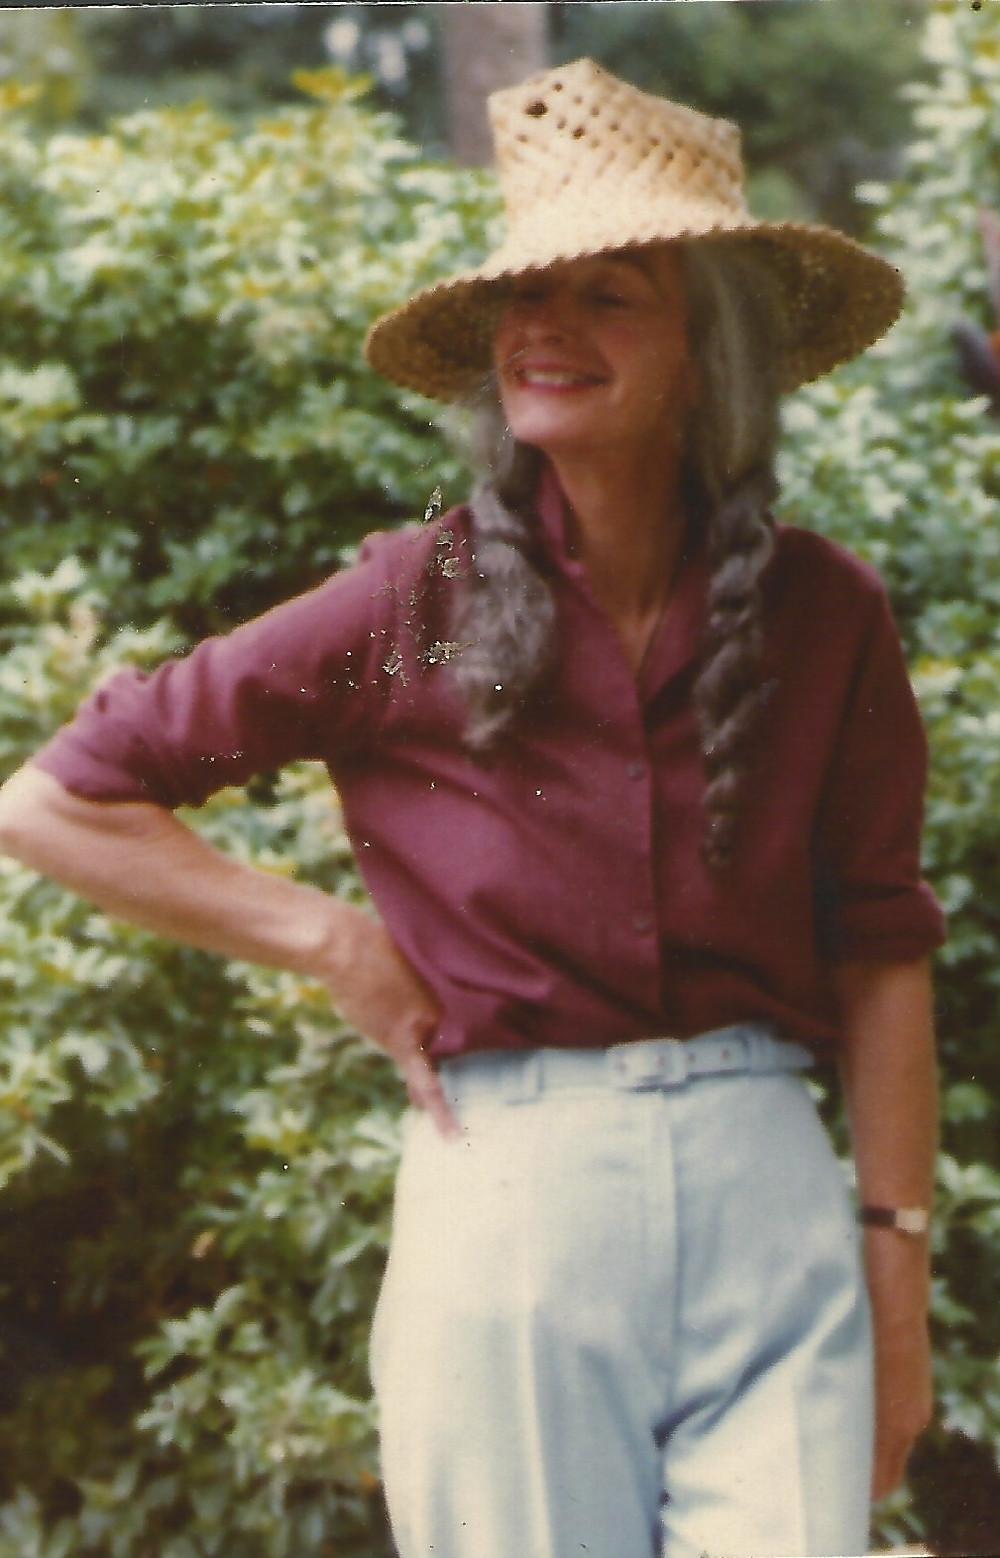 Joan Scott outside in the garden